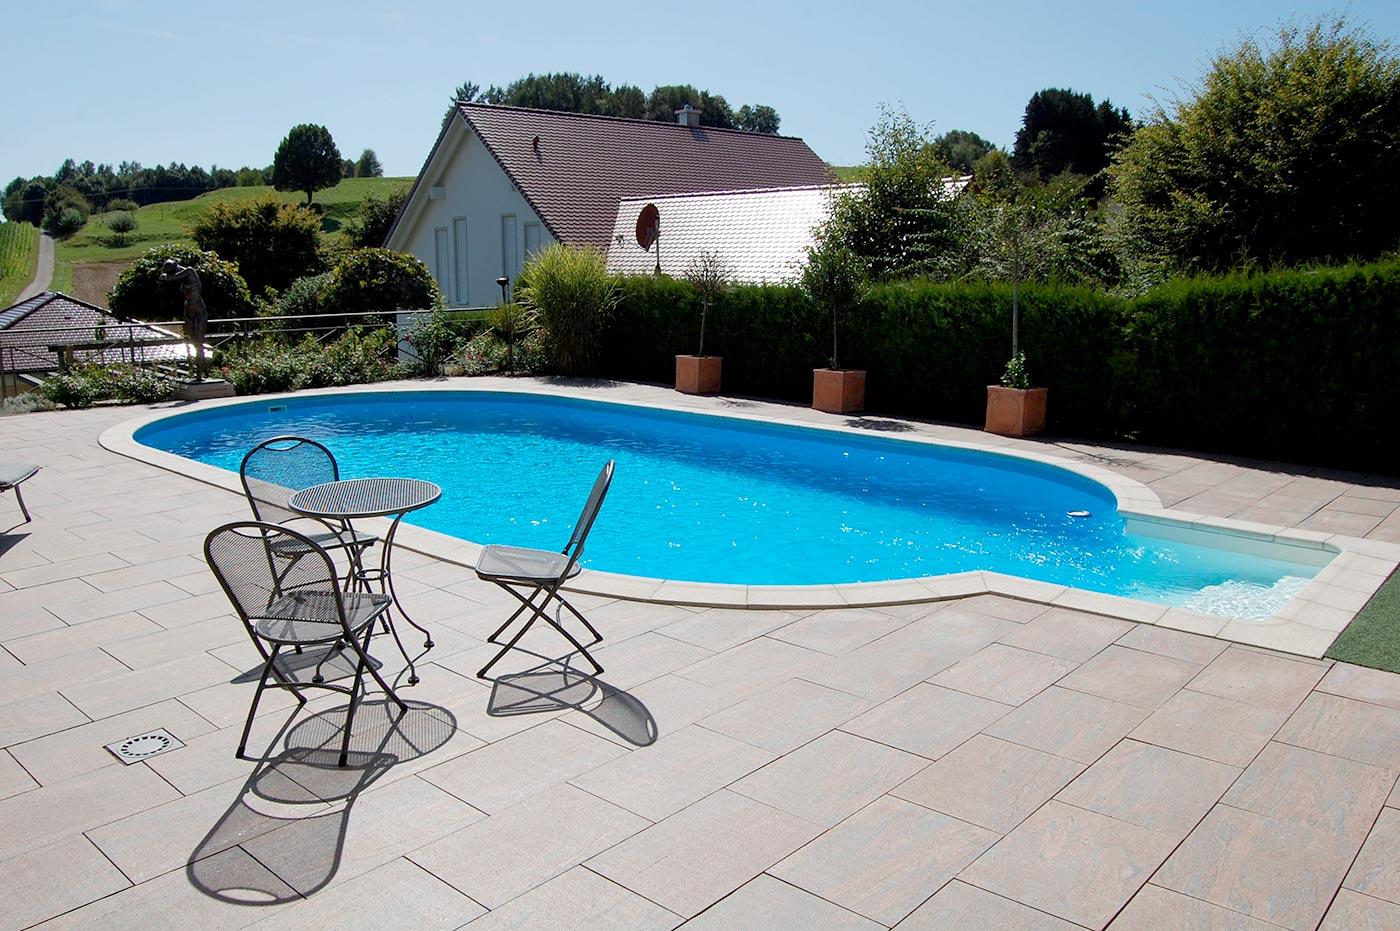 stahlwandpool von stegmann ihr pool fachmann aus ried. Black Bedroom Furniture Sets. Home Design Ideas